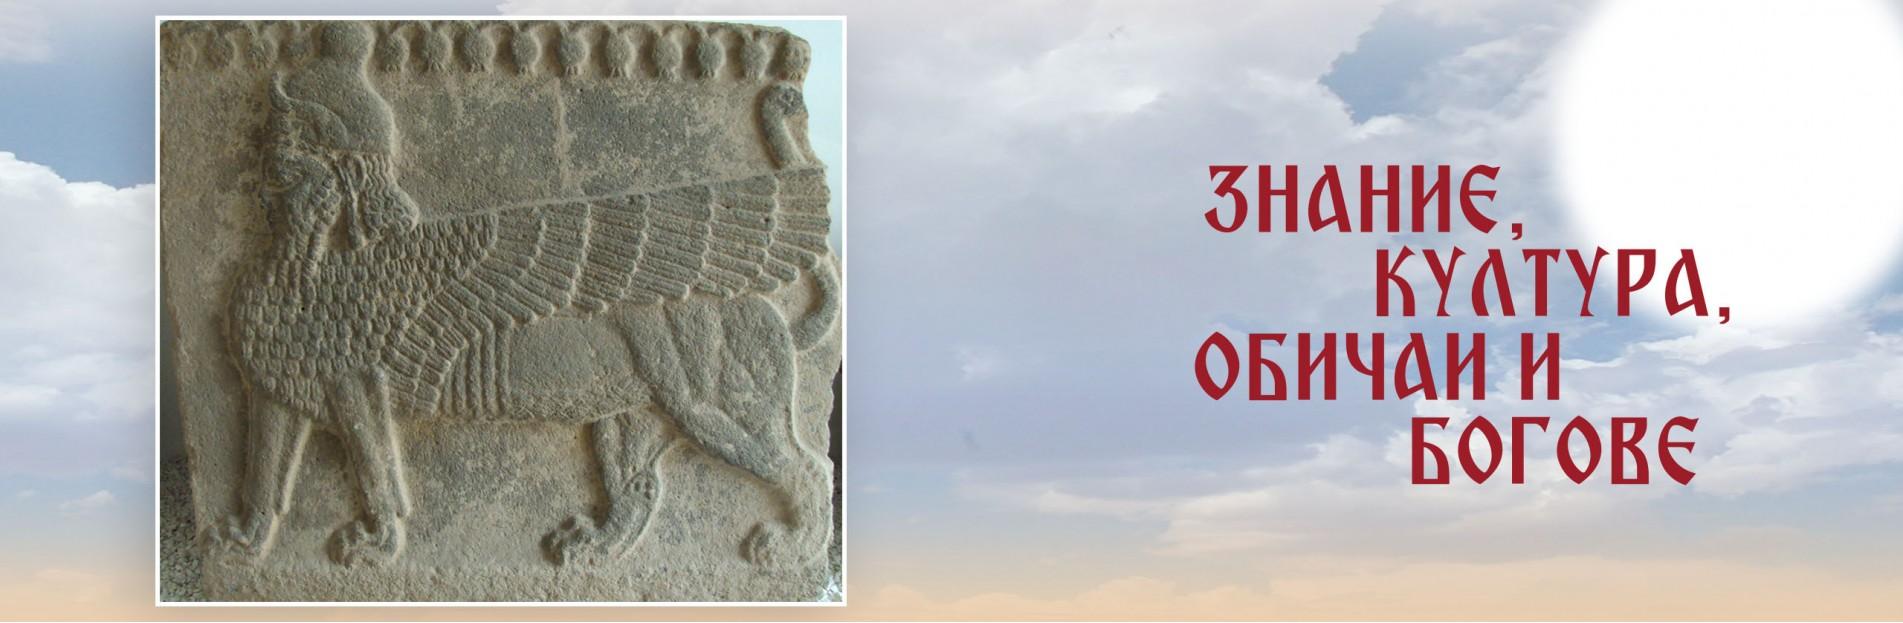 Знание, култура, обичаи, богове